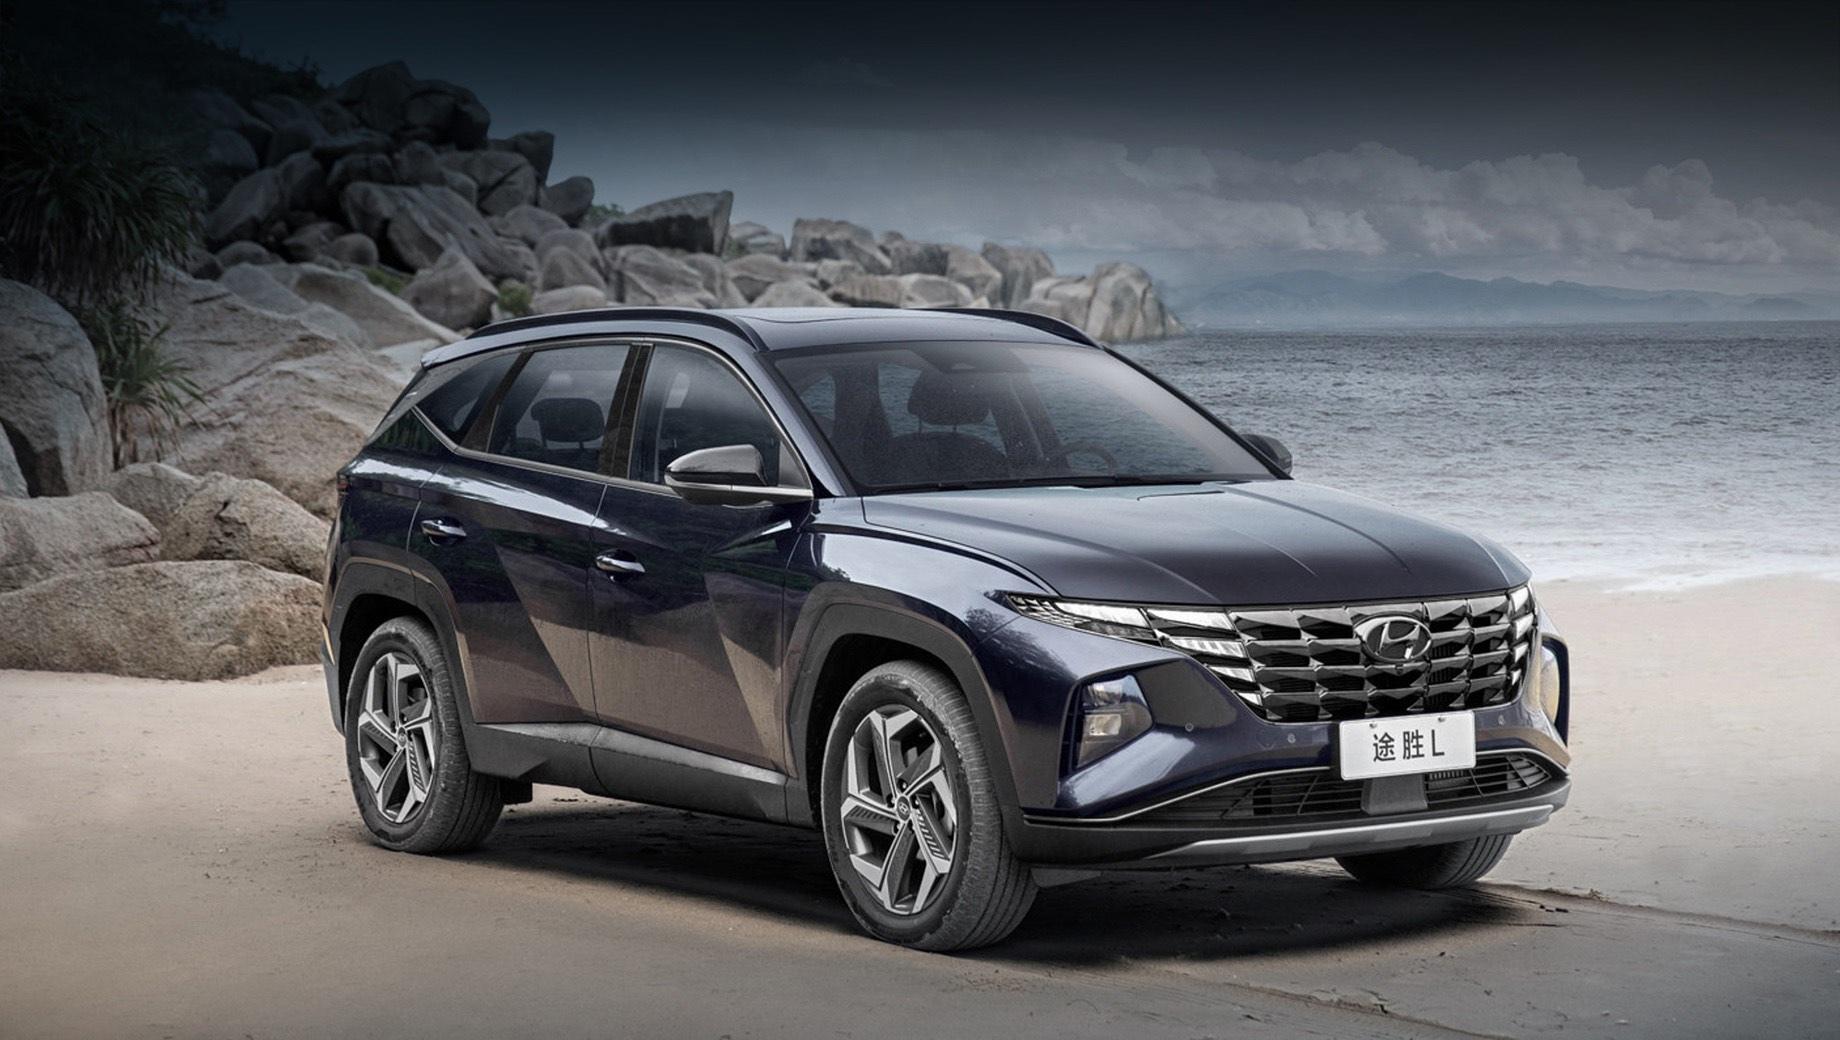 Китайский Hyundai Tucson L получил оригинальный мотор